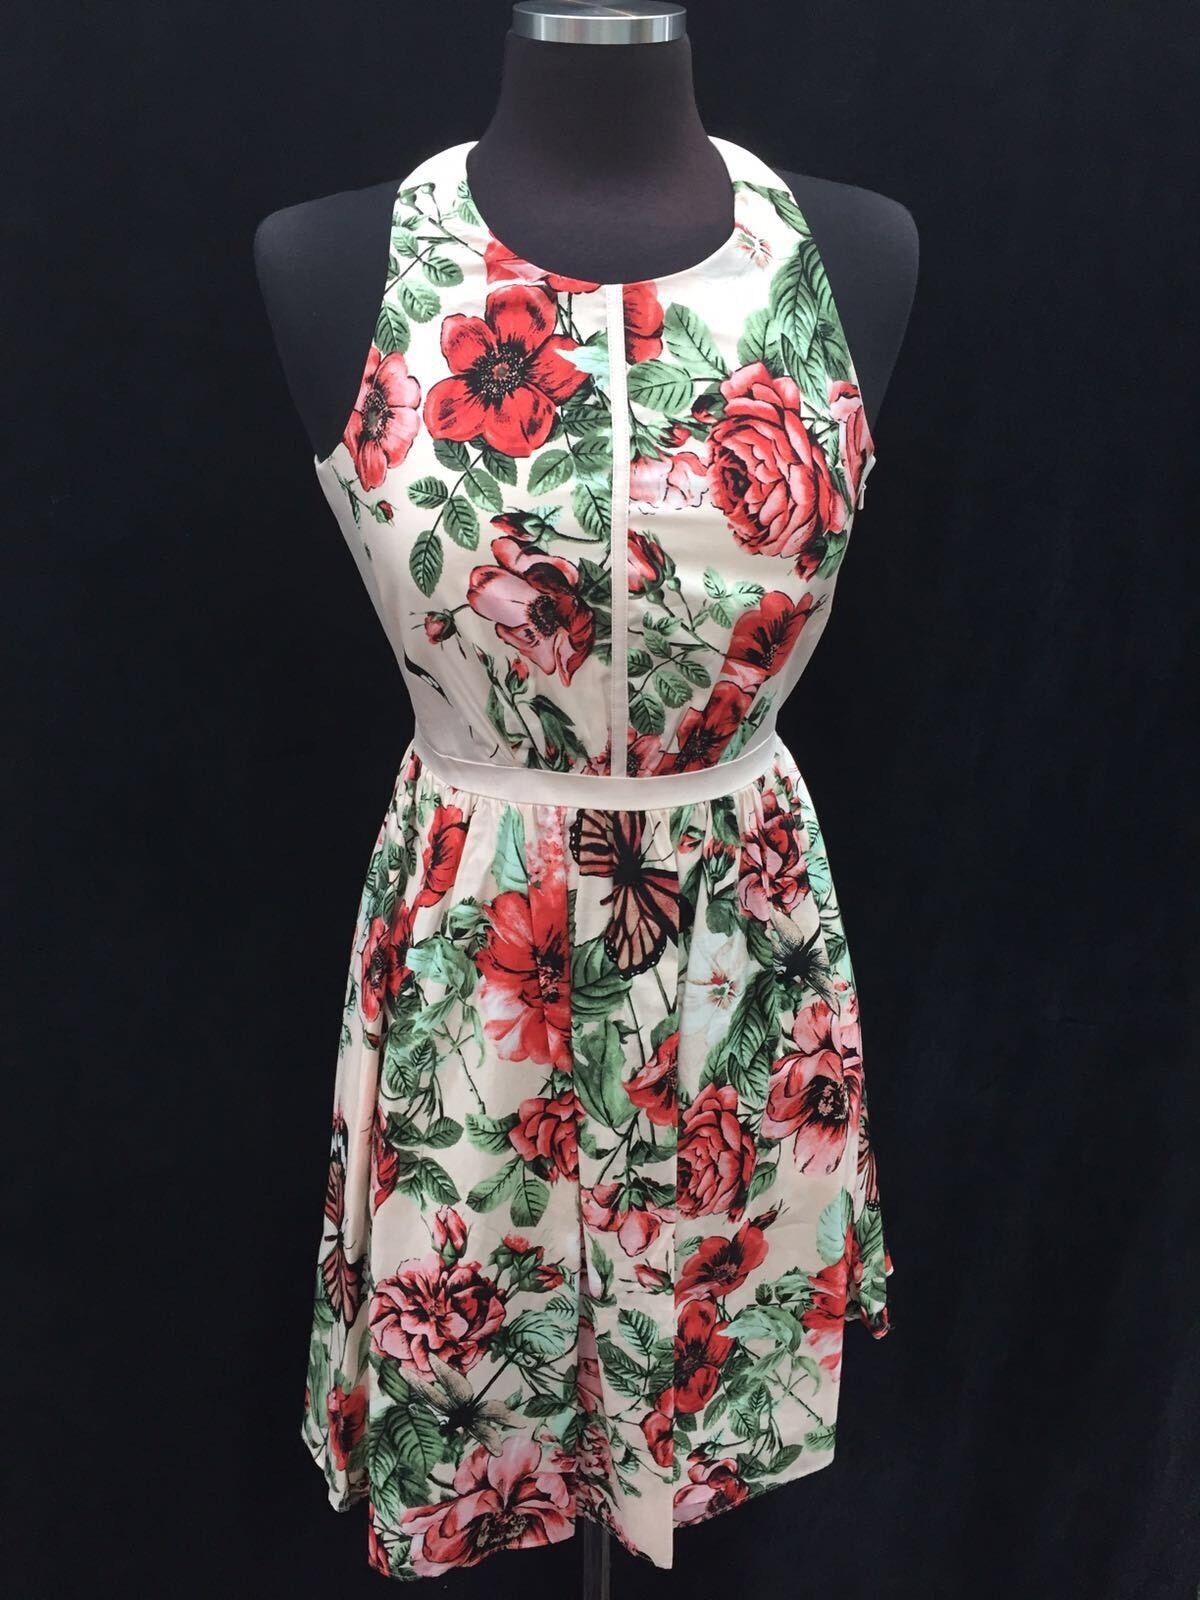 Adrianna Papell   Größe 8  Einzelhandel  Nordstorm Kleid  Baumwolle Stretch